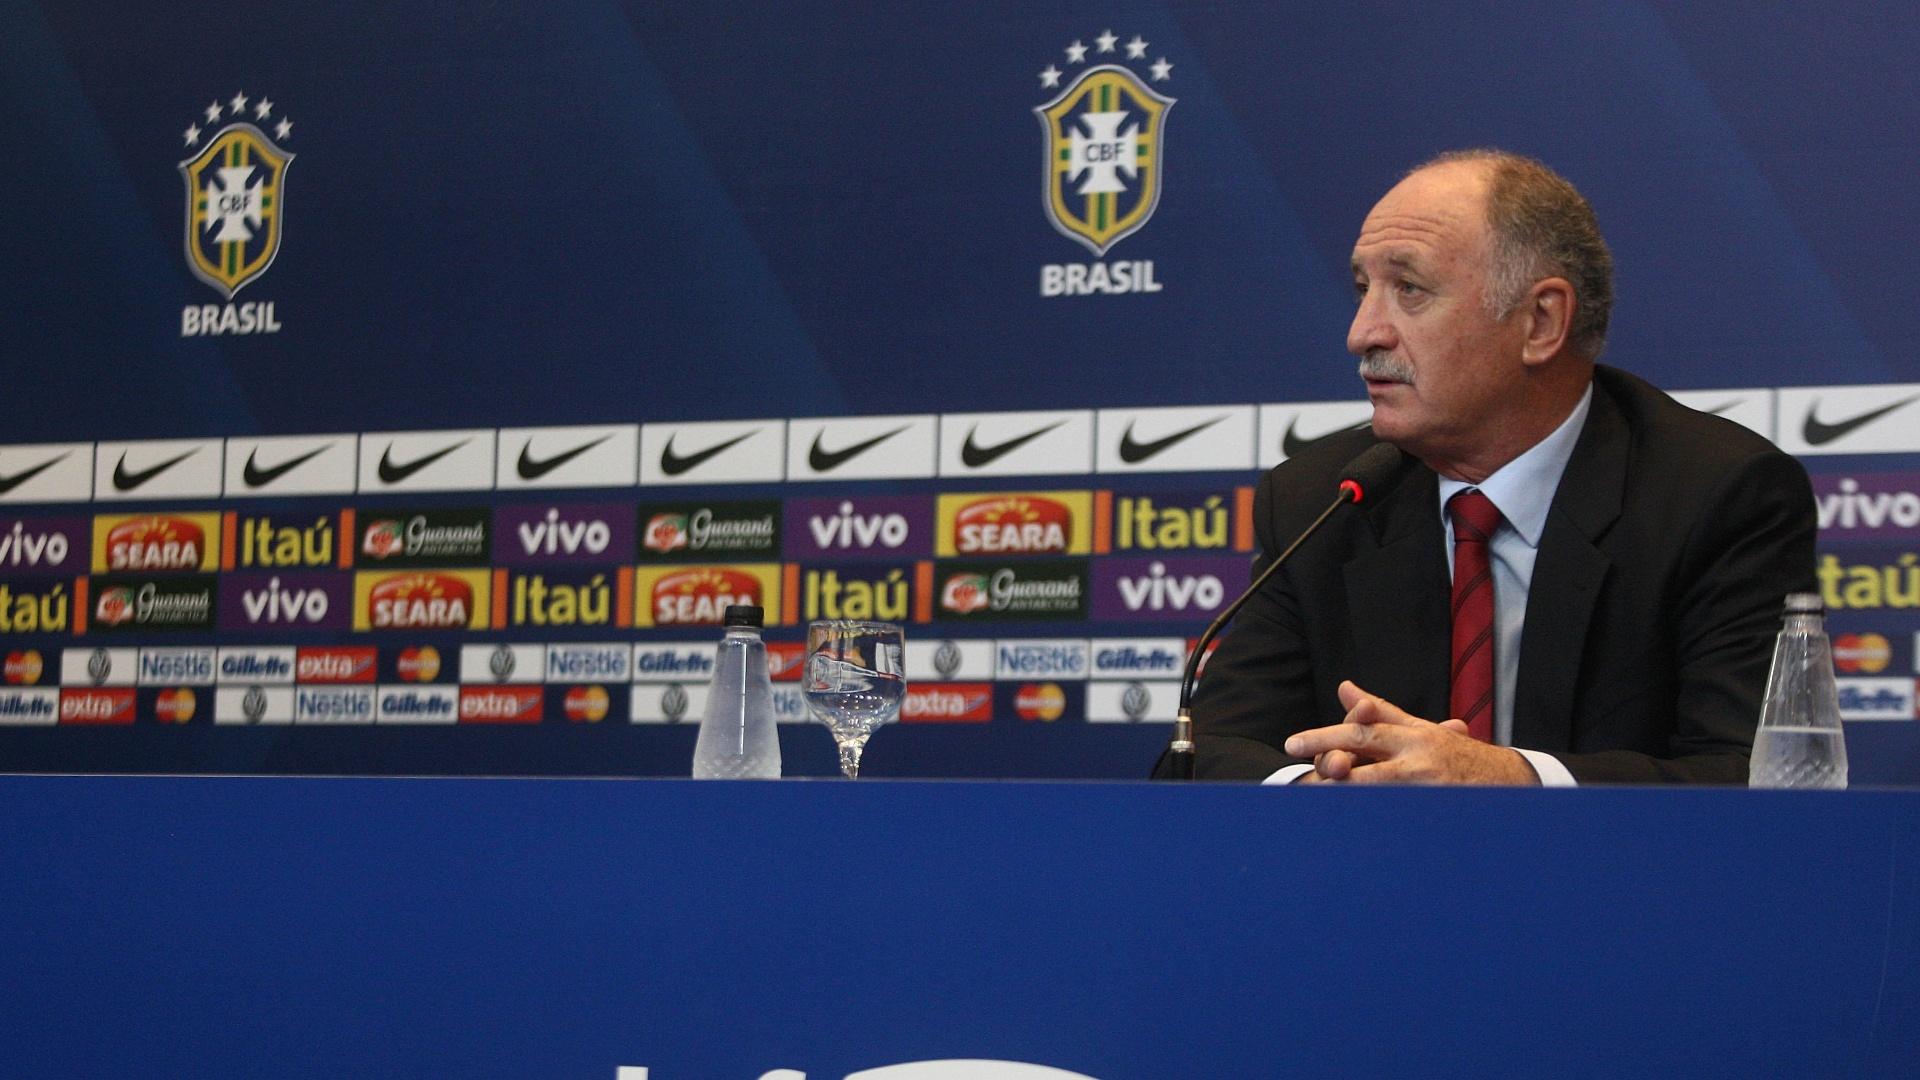 05.fev.2013 - Luiz Felipe Scolari concede entrevista coletiva após o anúncio da convocação da seleção brasileira